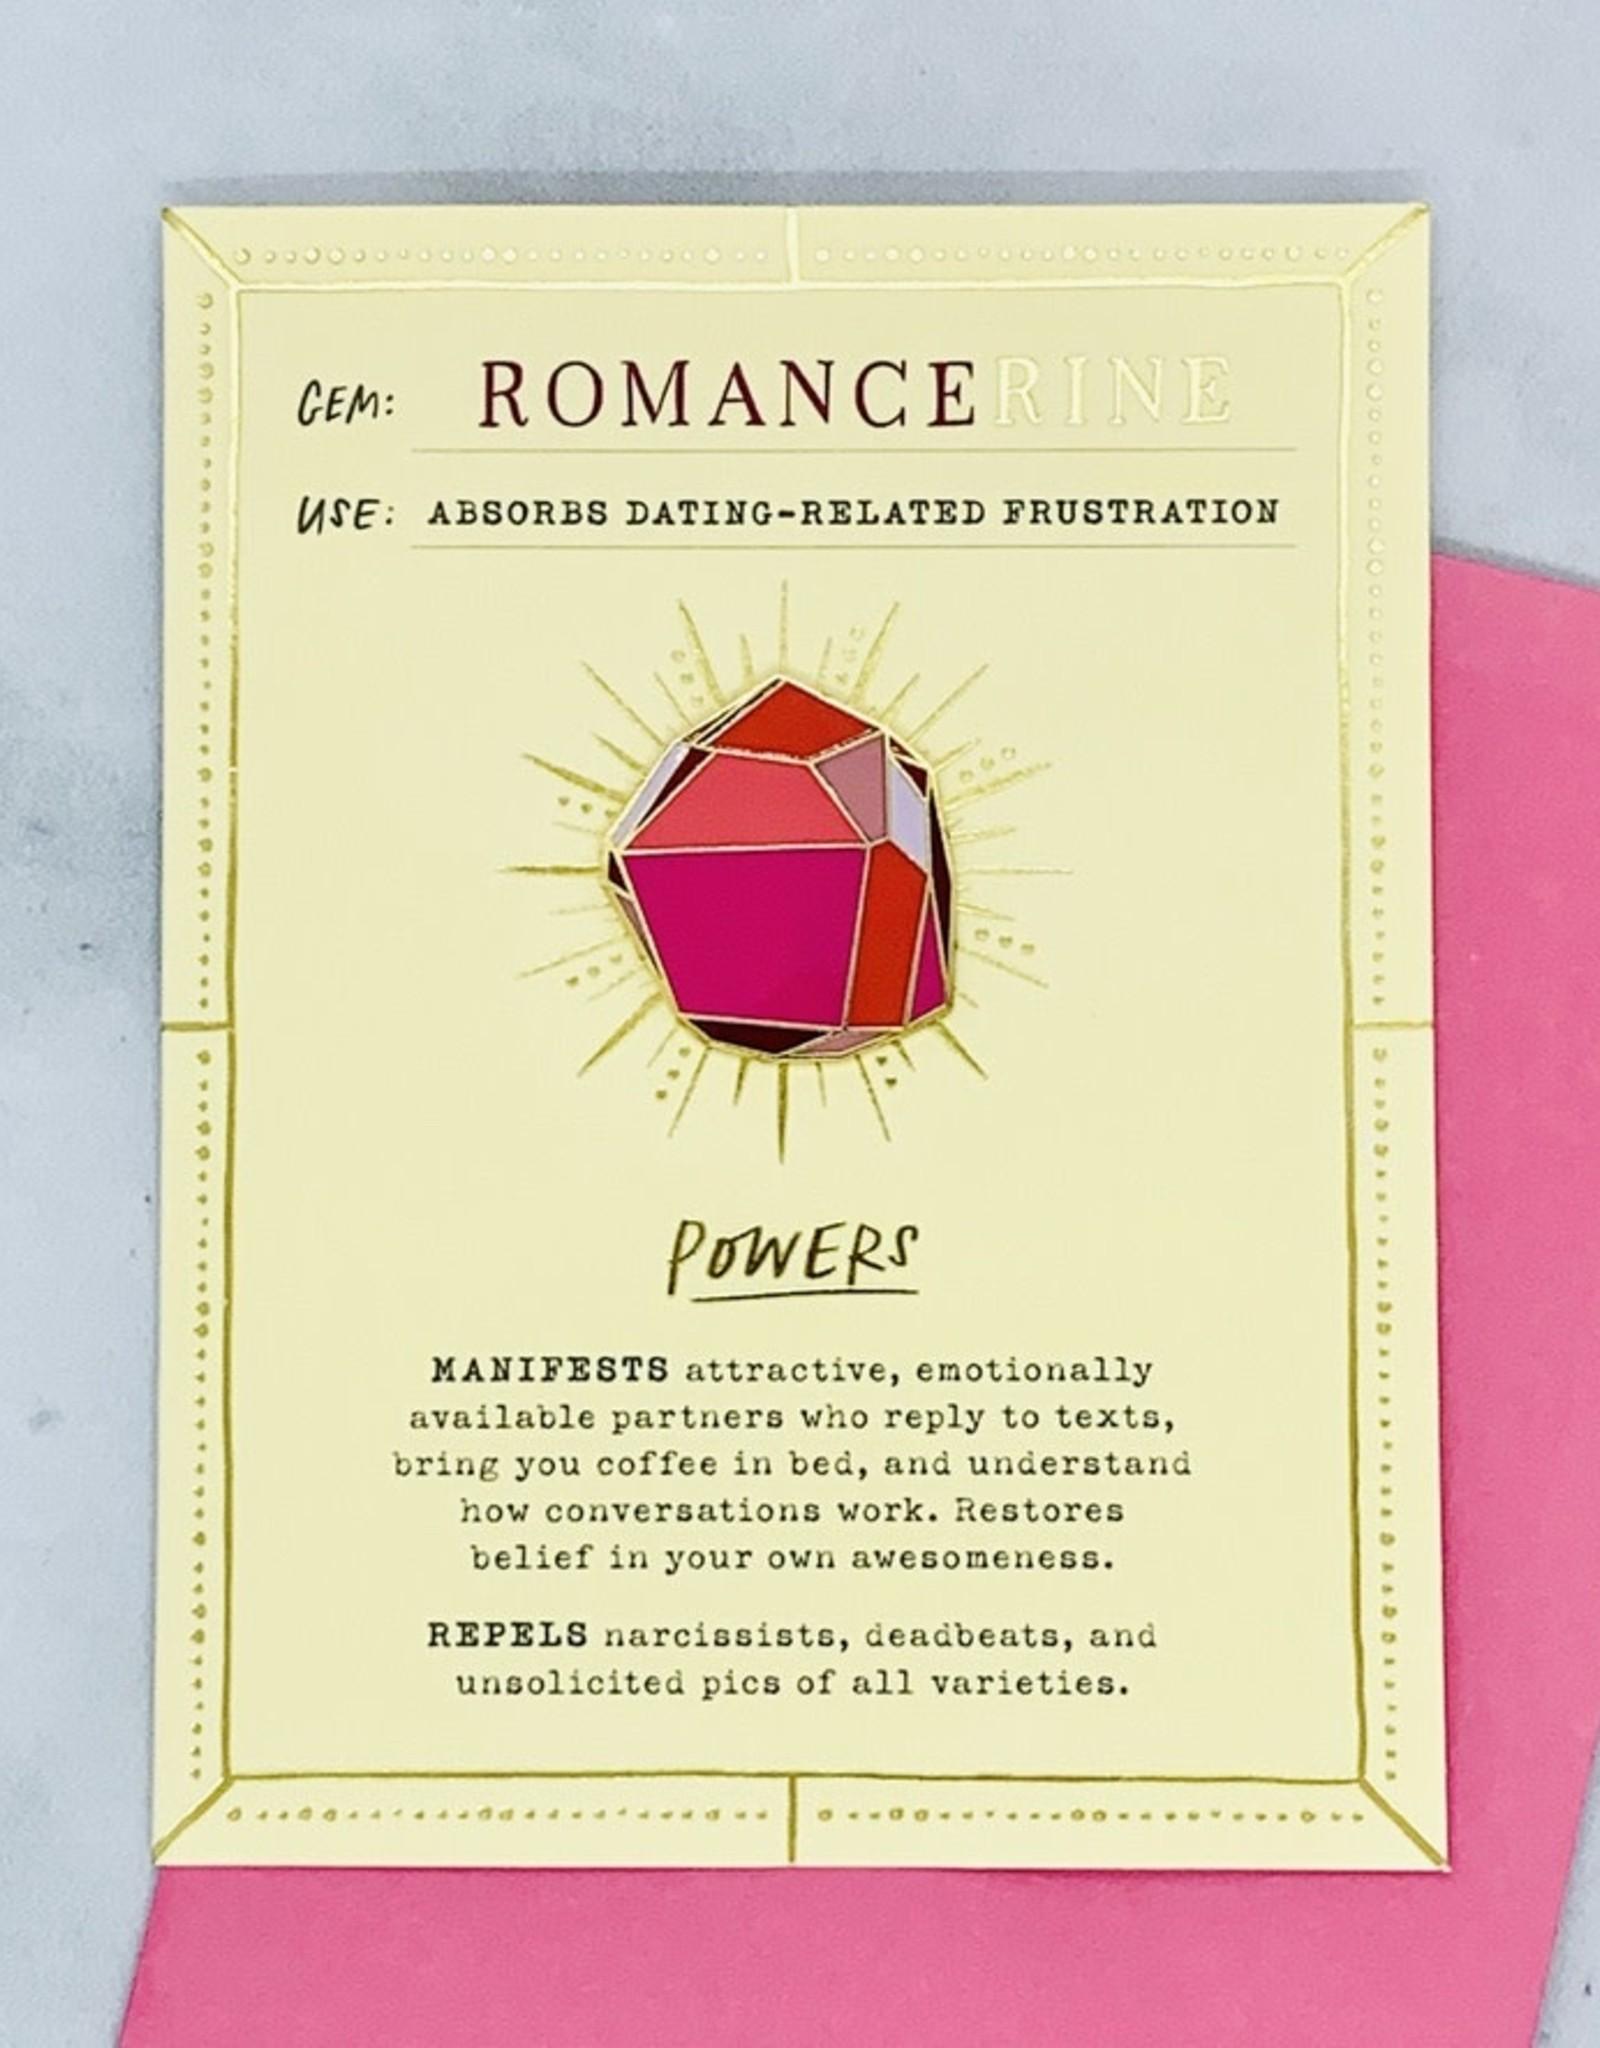 Romancerine Gem Card